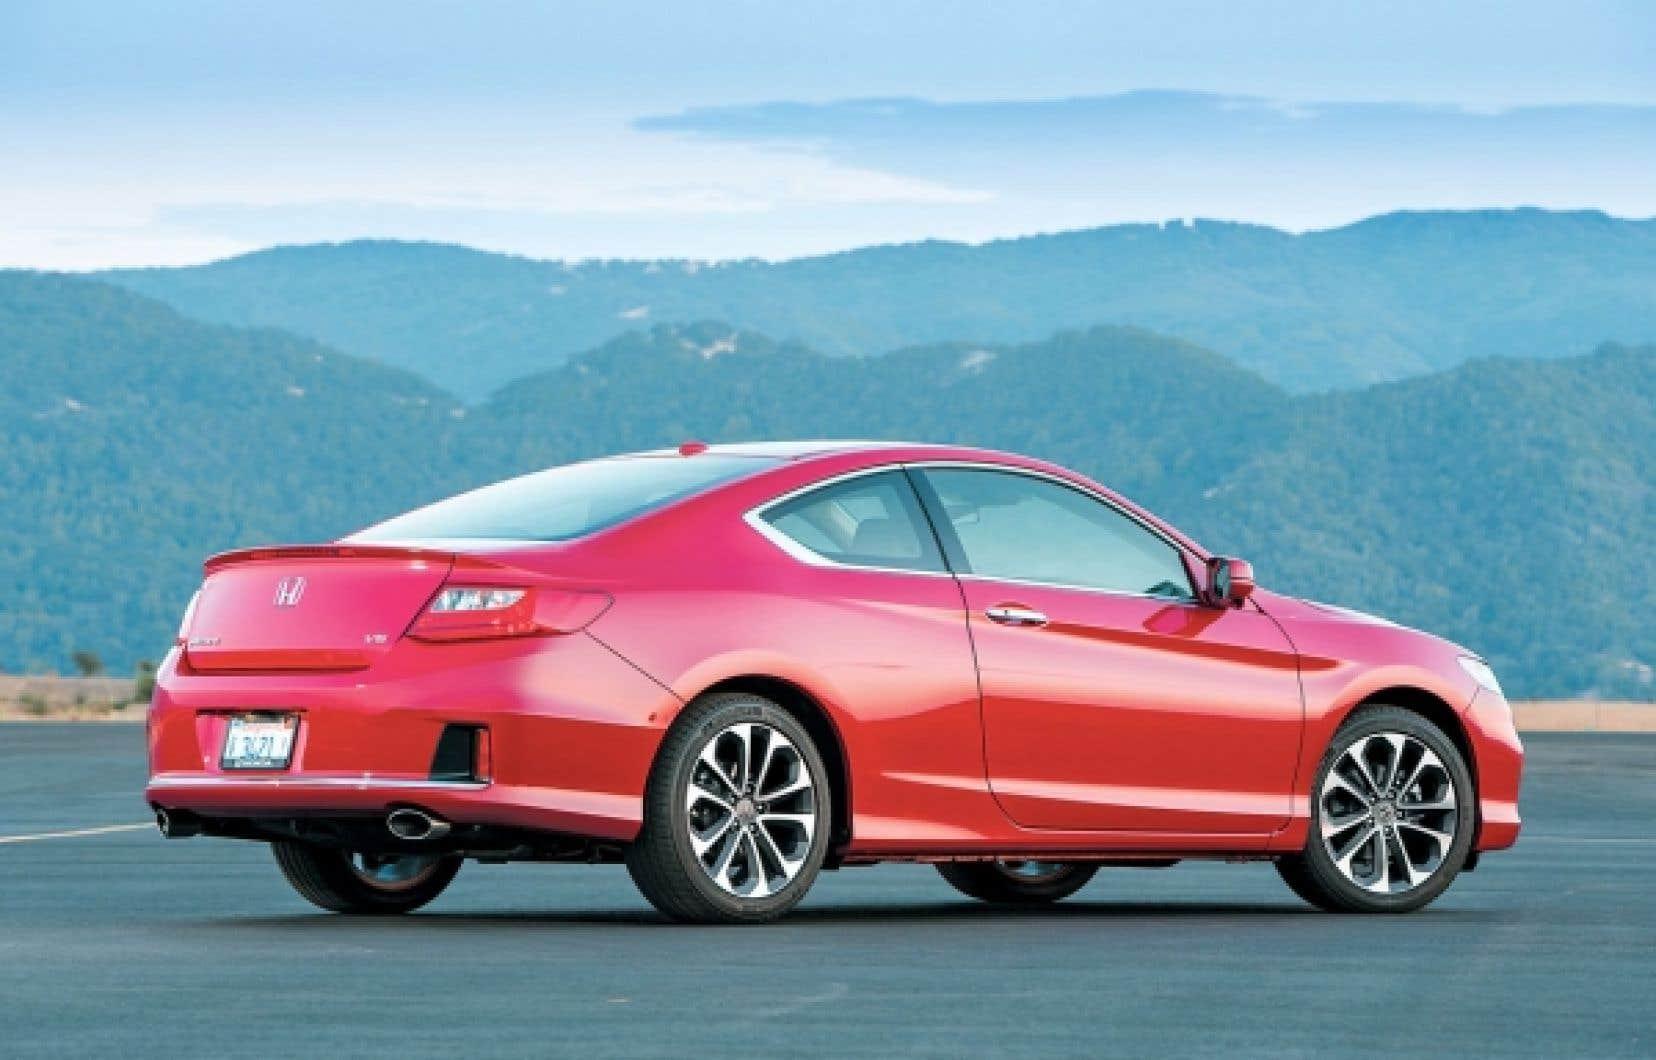 Au terme de son cycle de cinq ans, Honda renouvelle l'Accord pour une huitième fois. L'allure générale est plus gracieuse, plus homogène, et devrait plaire à la clientèle cible.